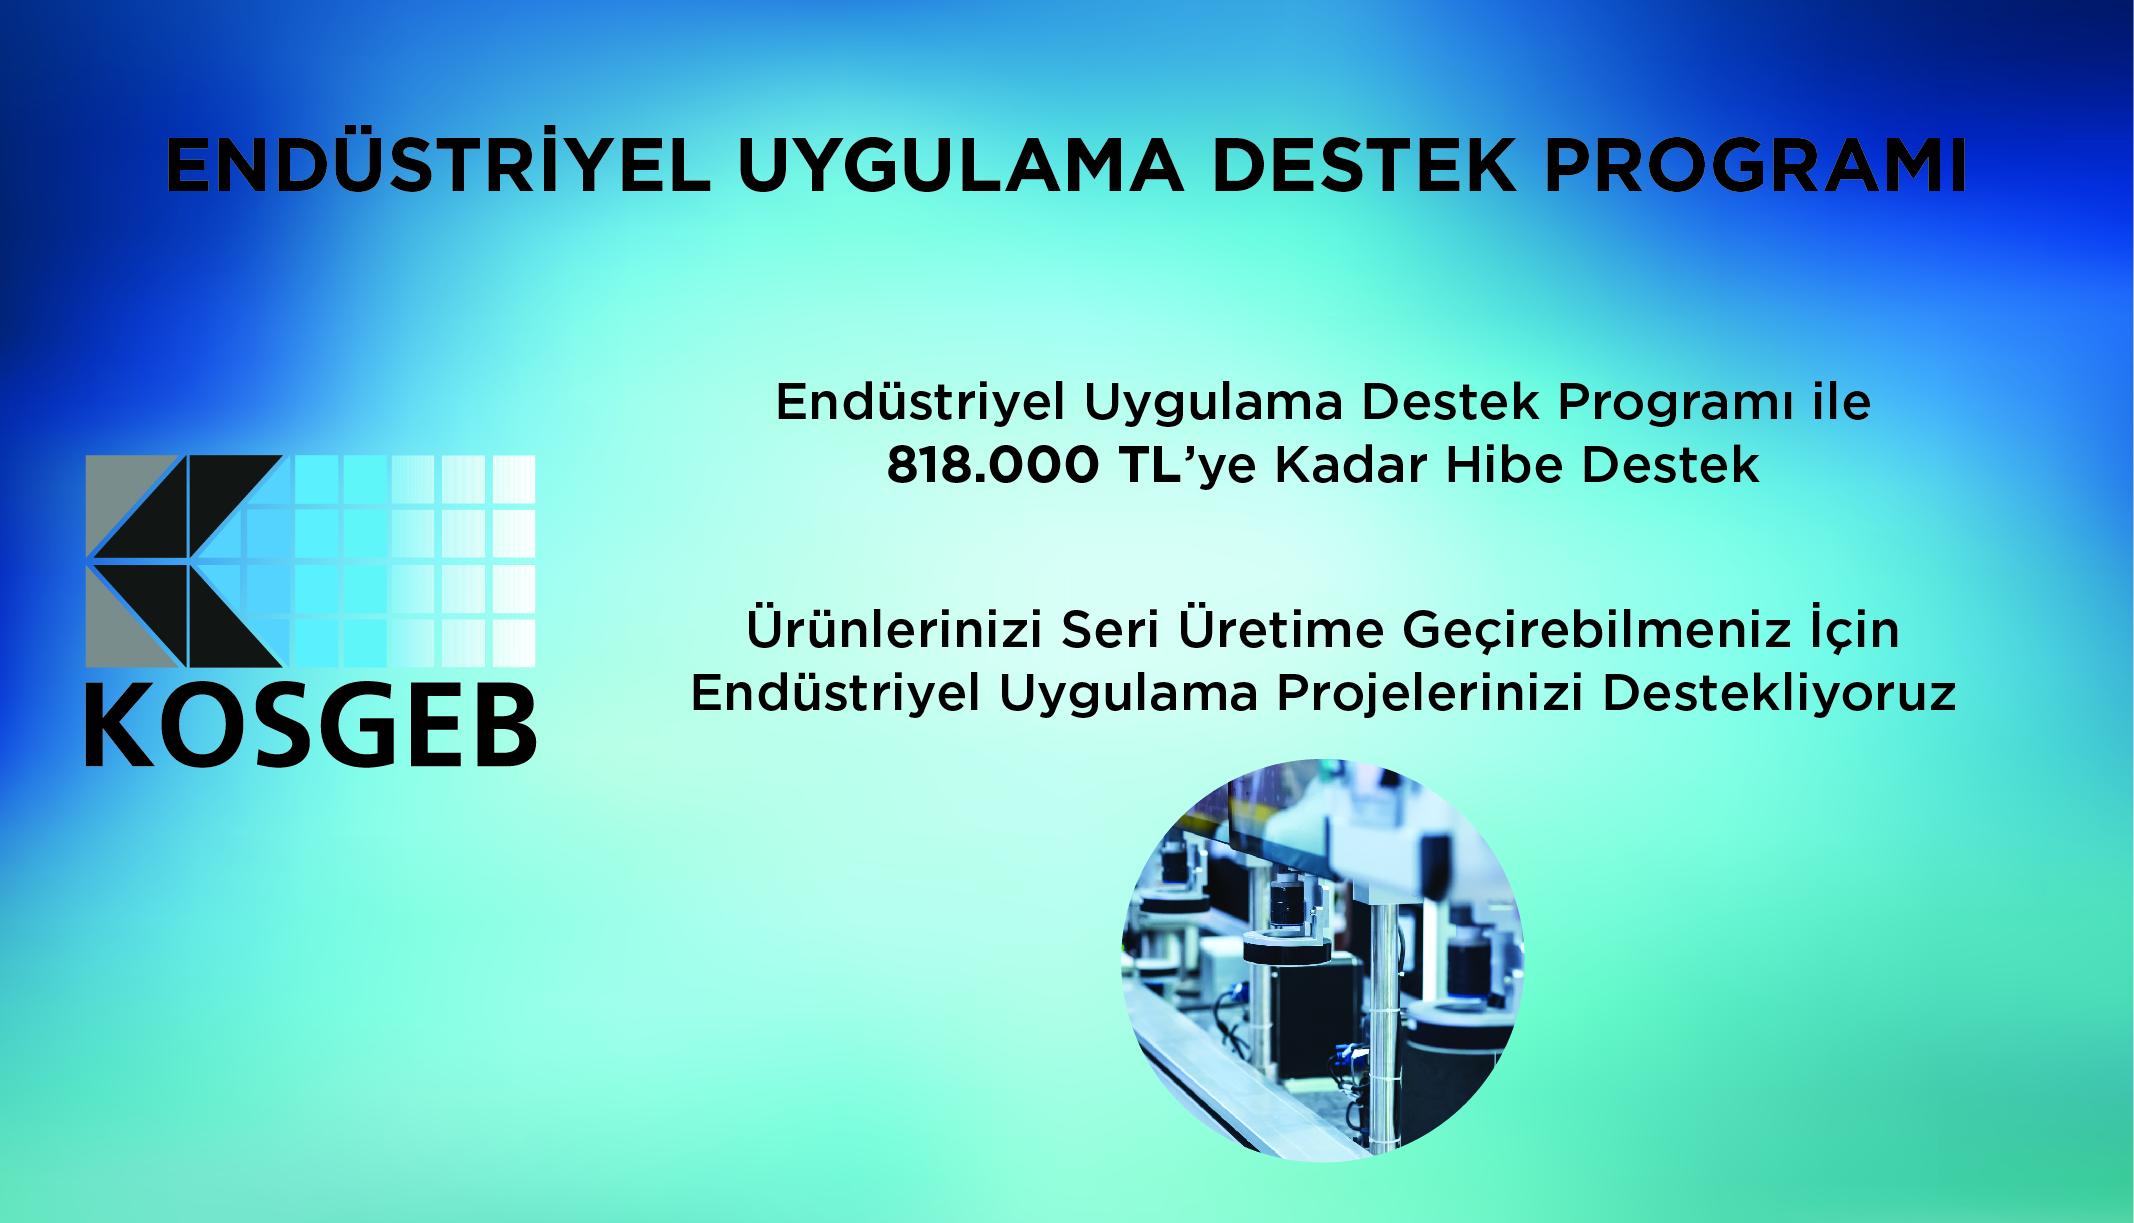 Endüstriyel Uygulama Destek Programı